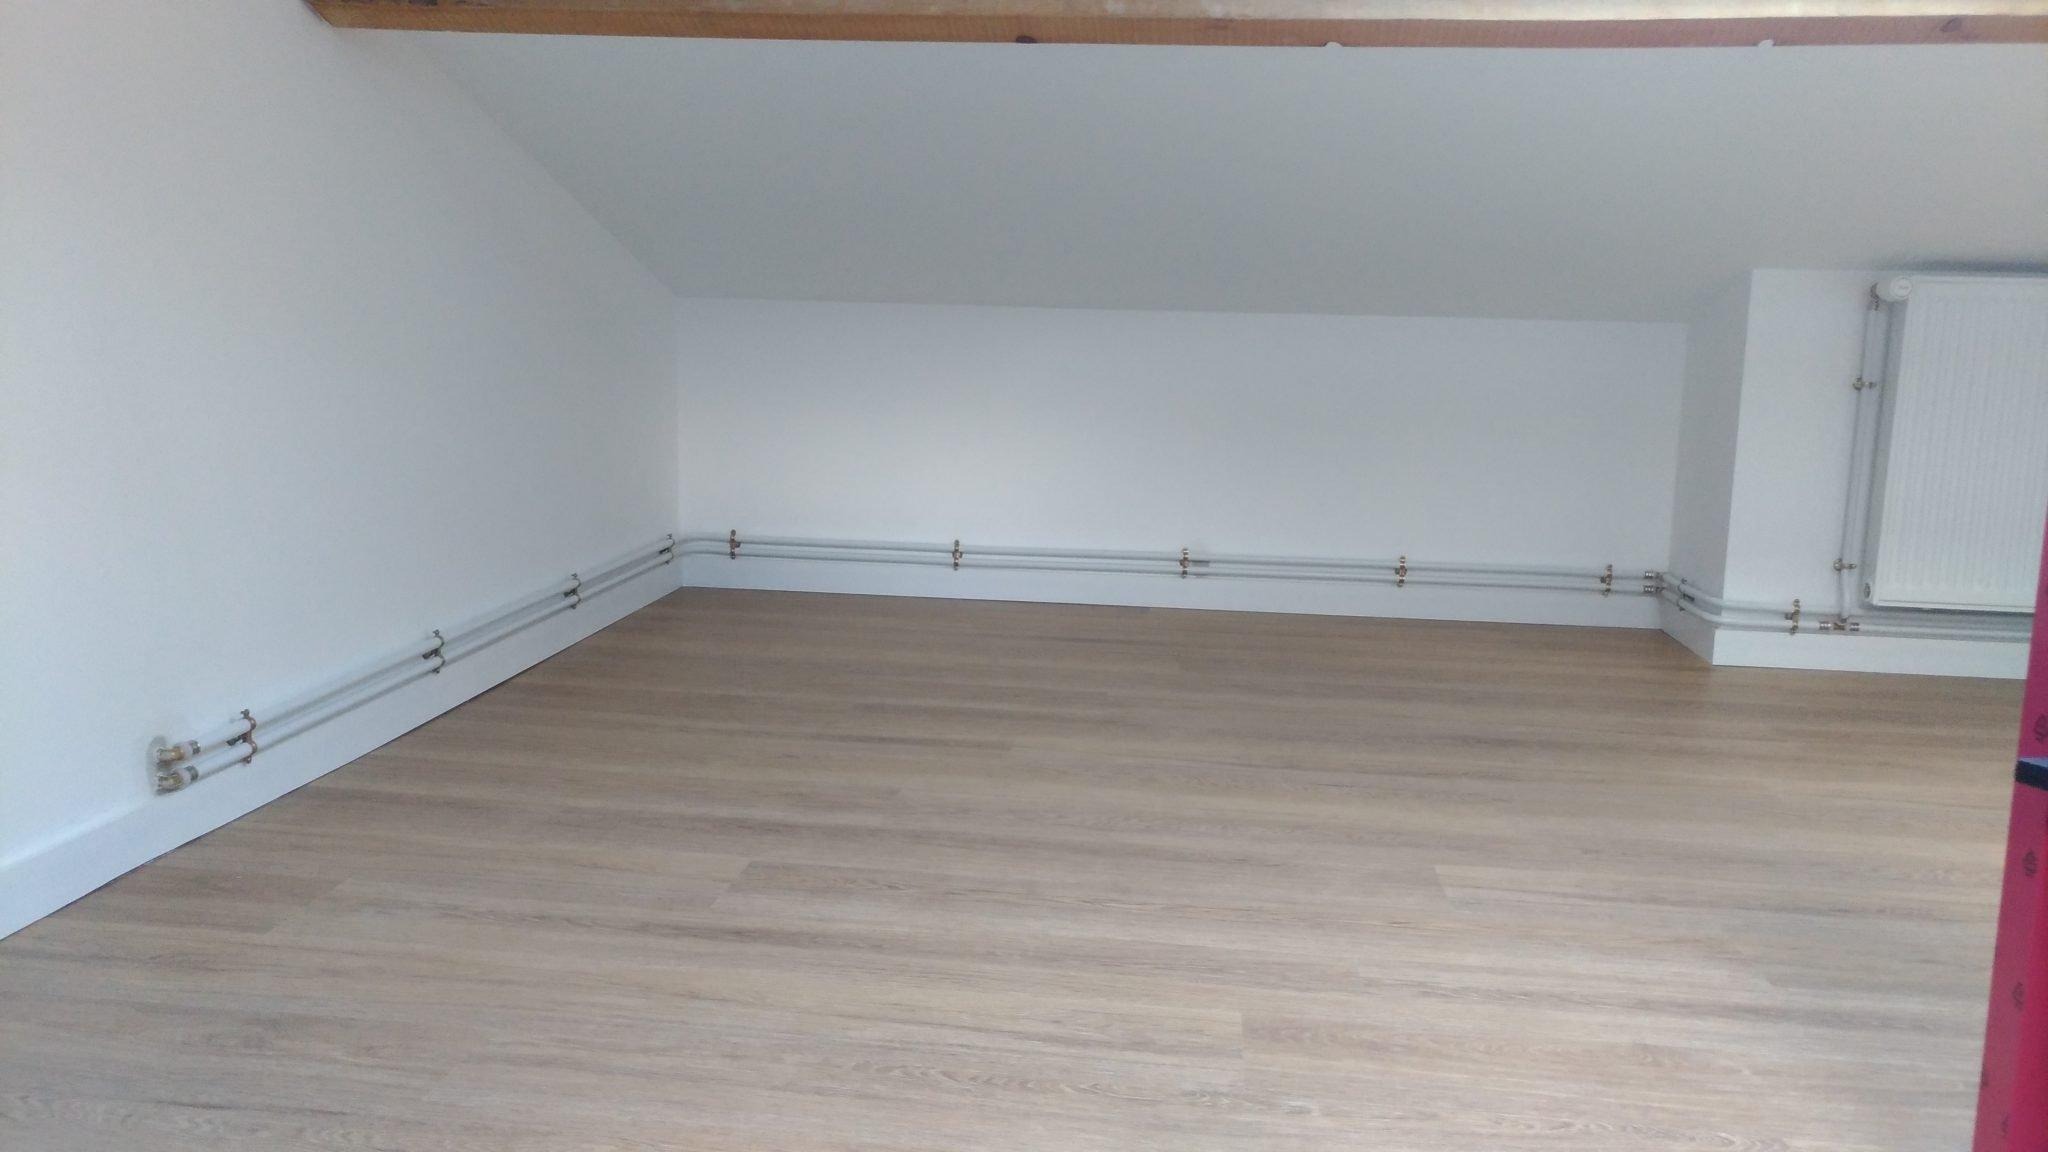 radiateur artis de dietrich en acier blanc double paroi. Black Bedroom Furniture Sets. Home Design Ideas